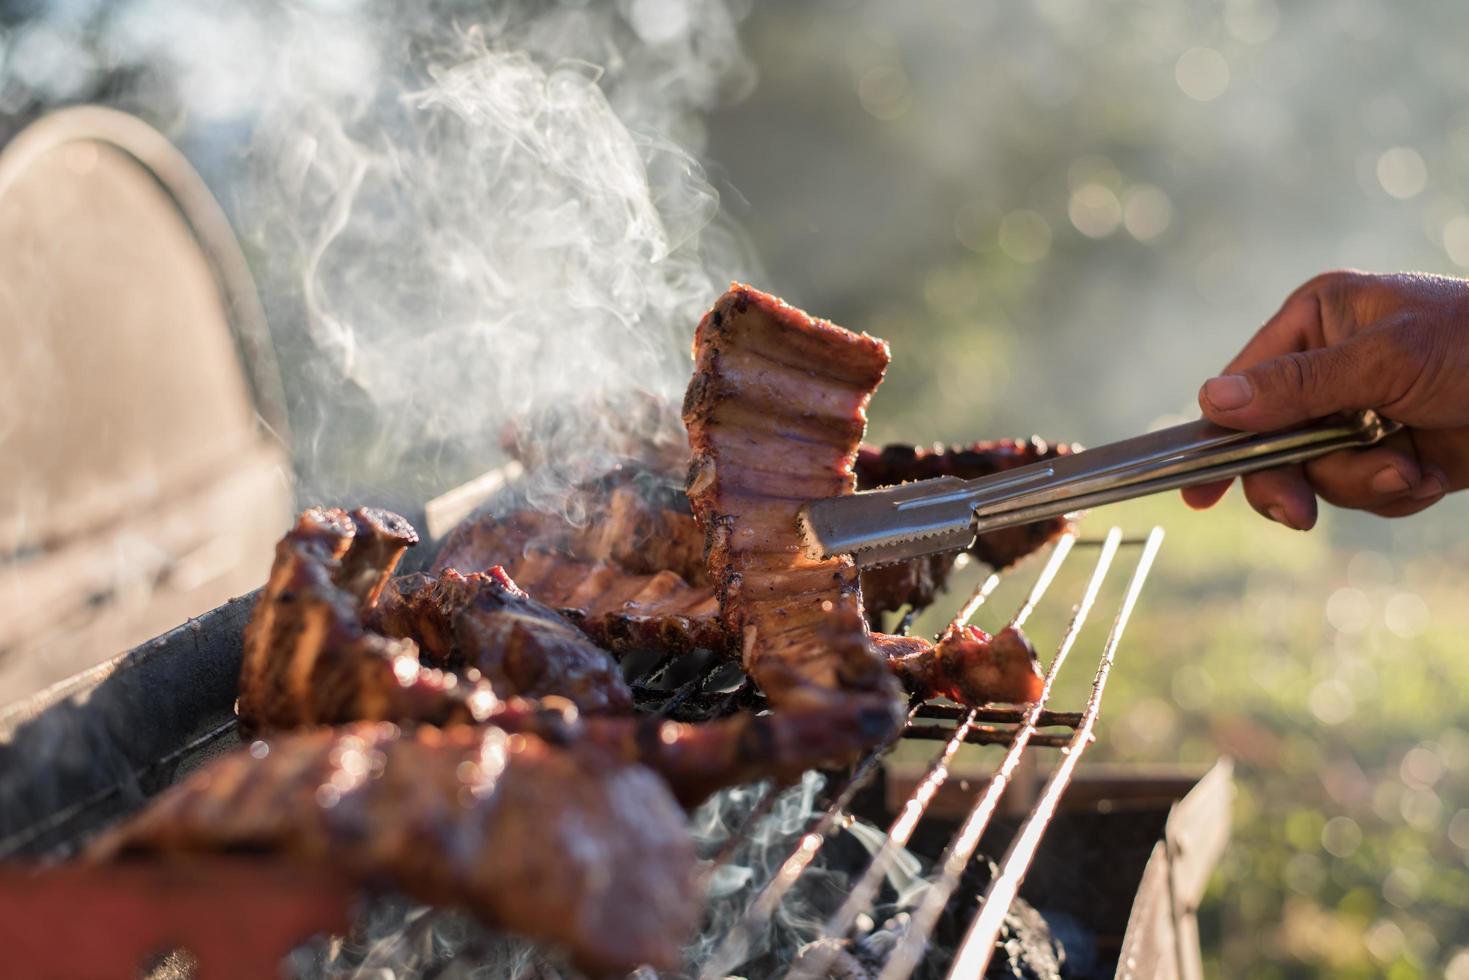 Lammkoteletts auf dem Grill foto